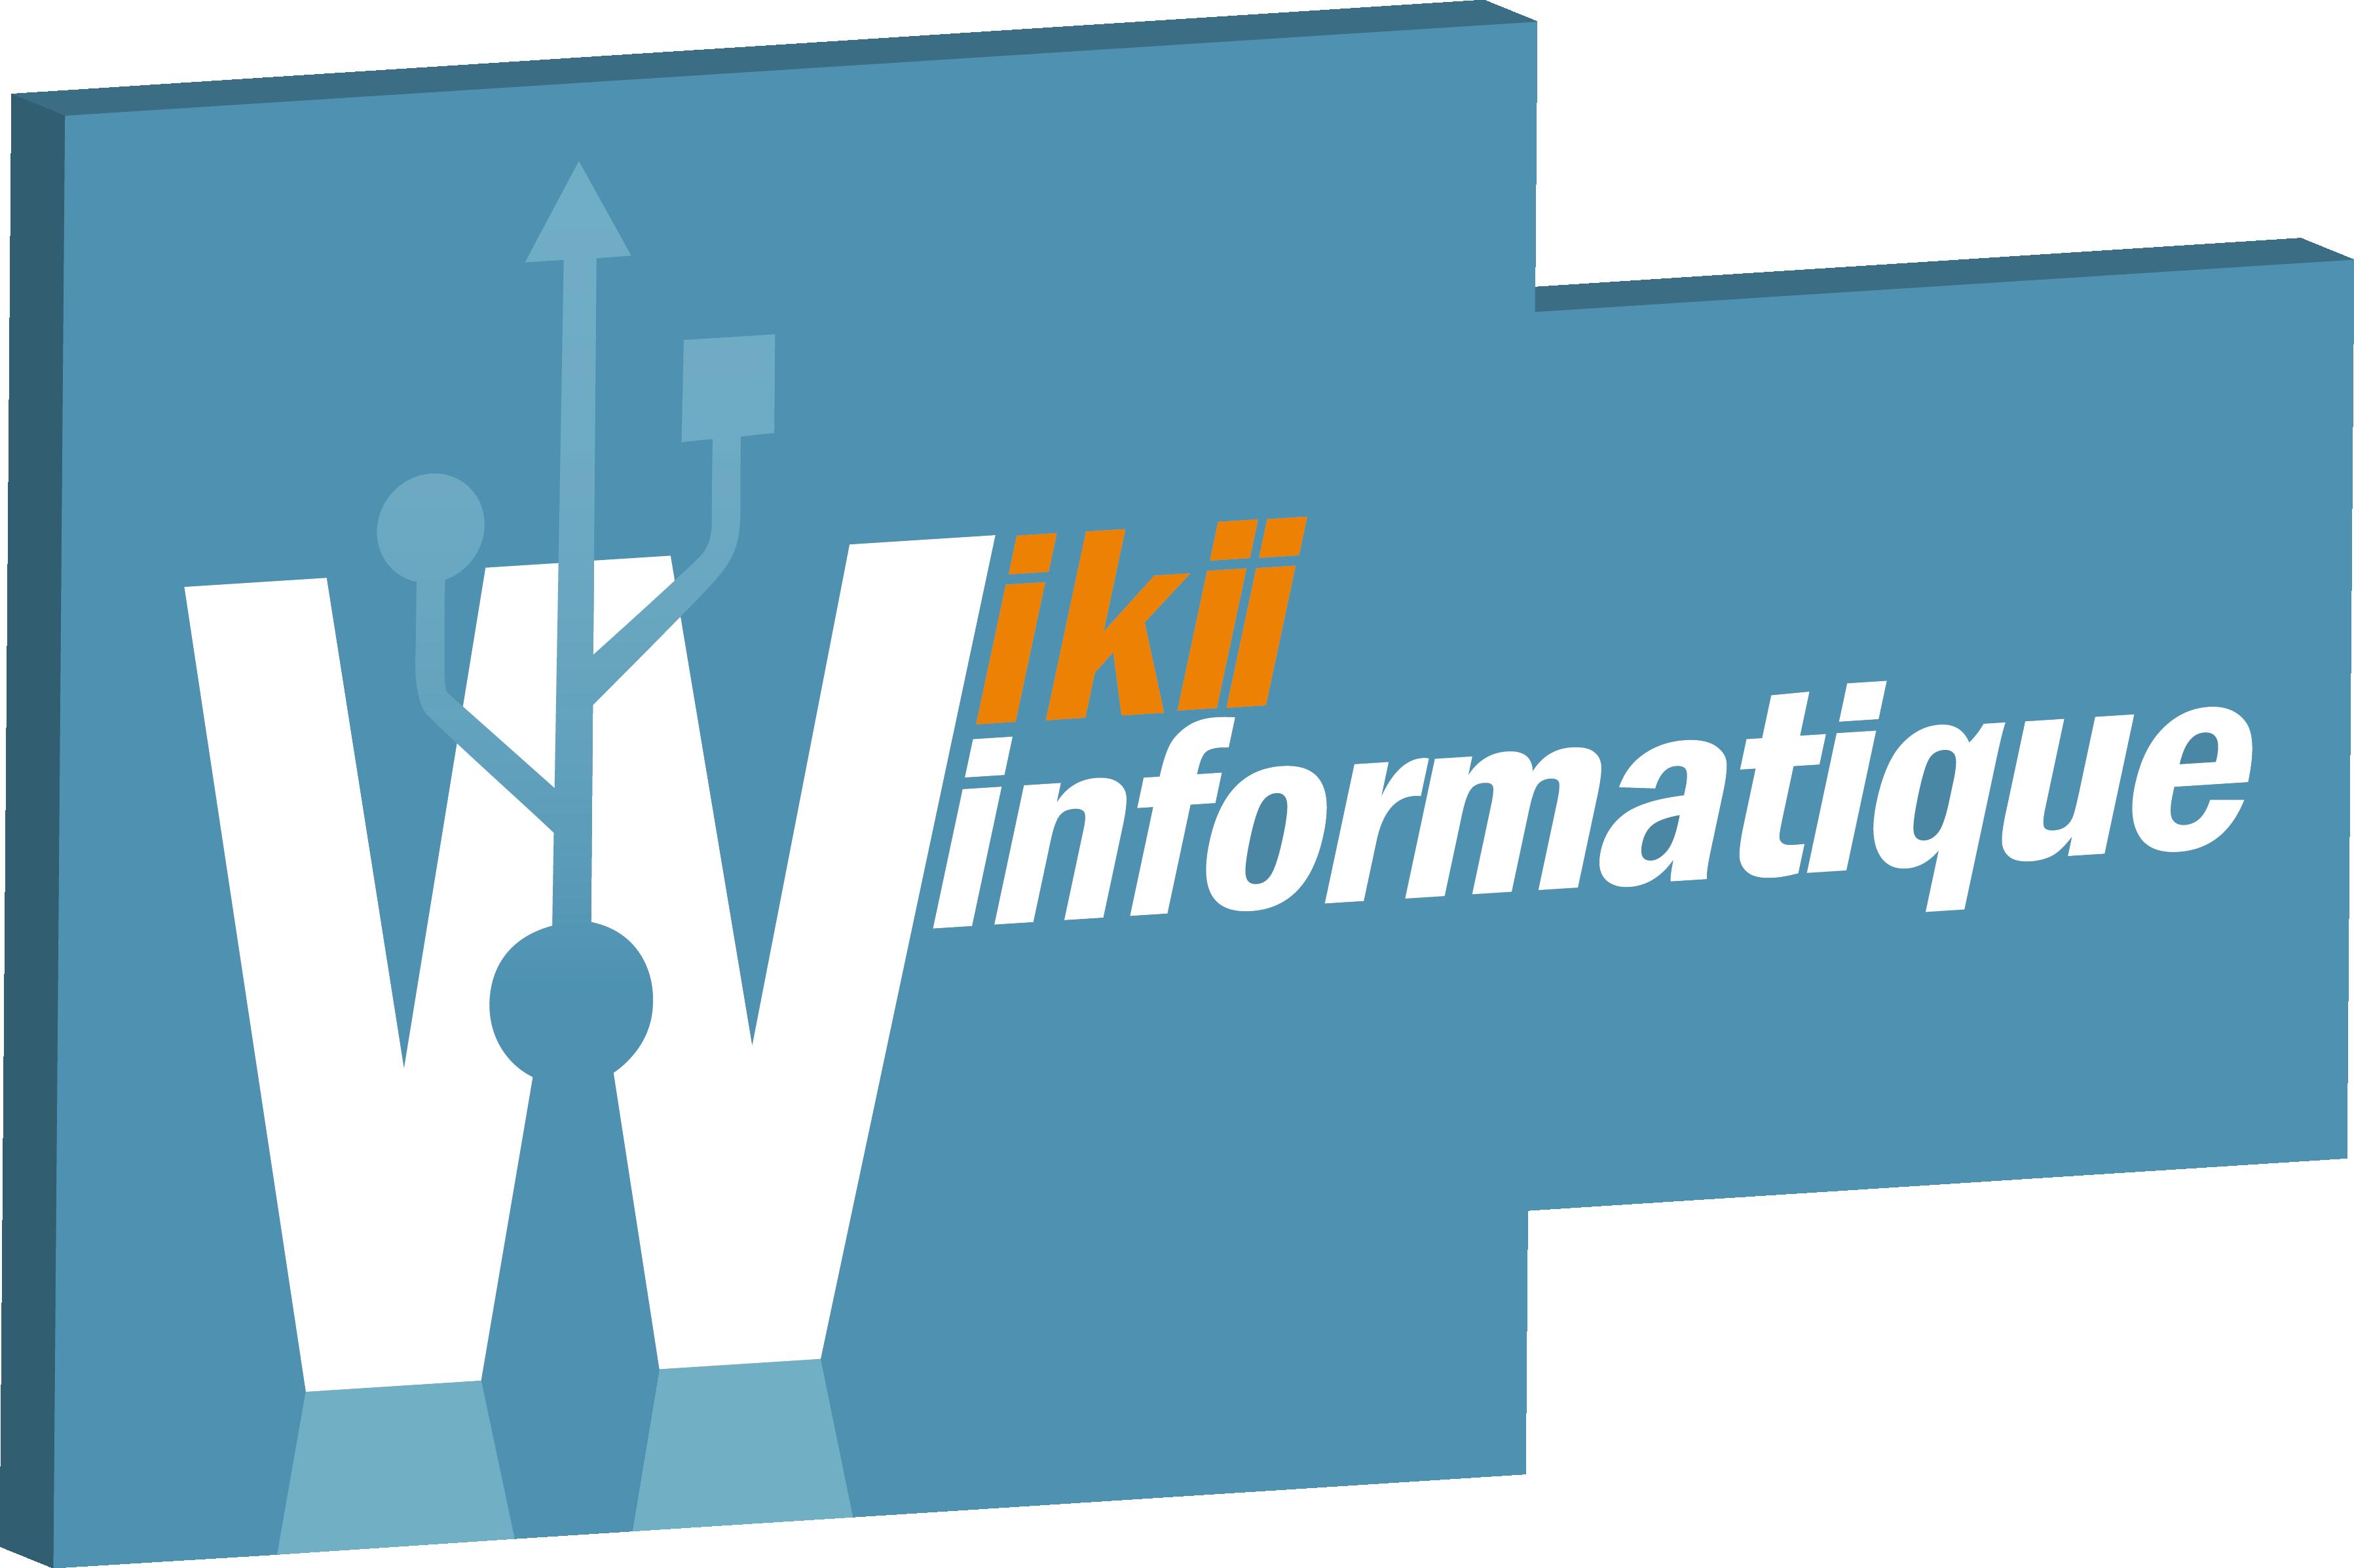 Wikii Informatique